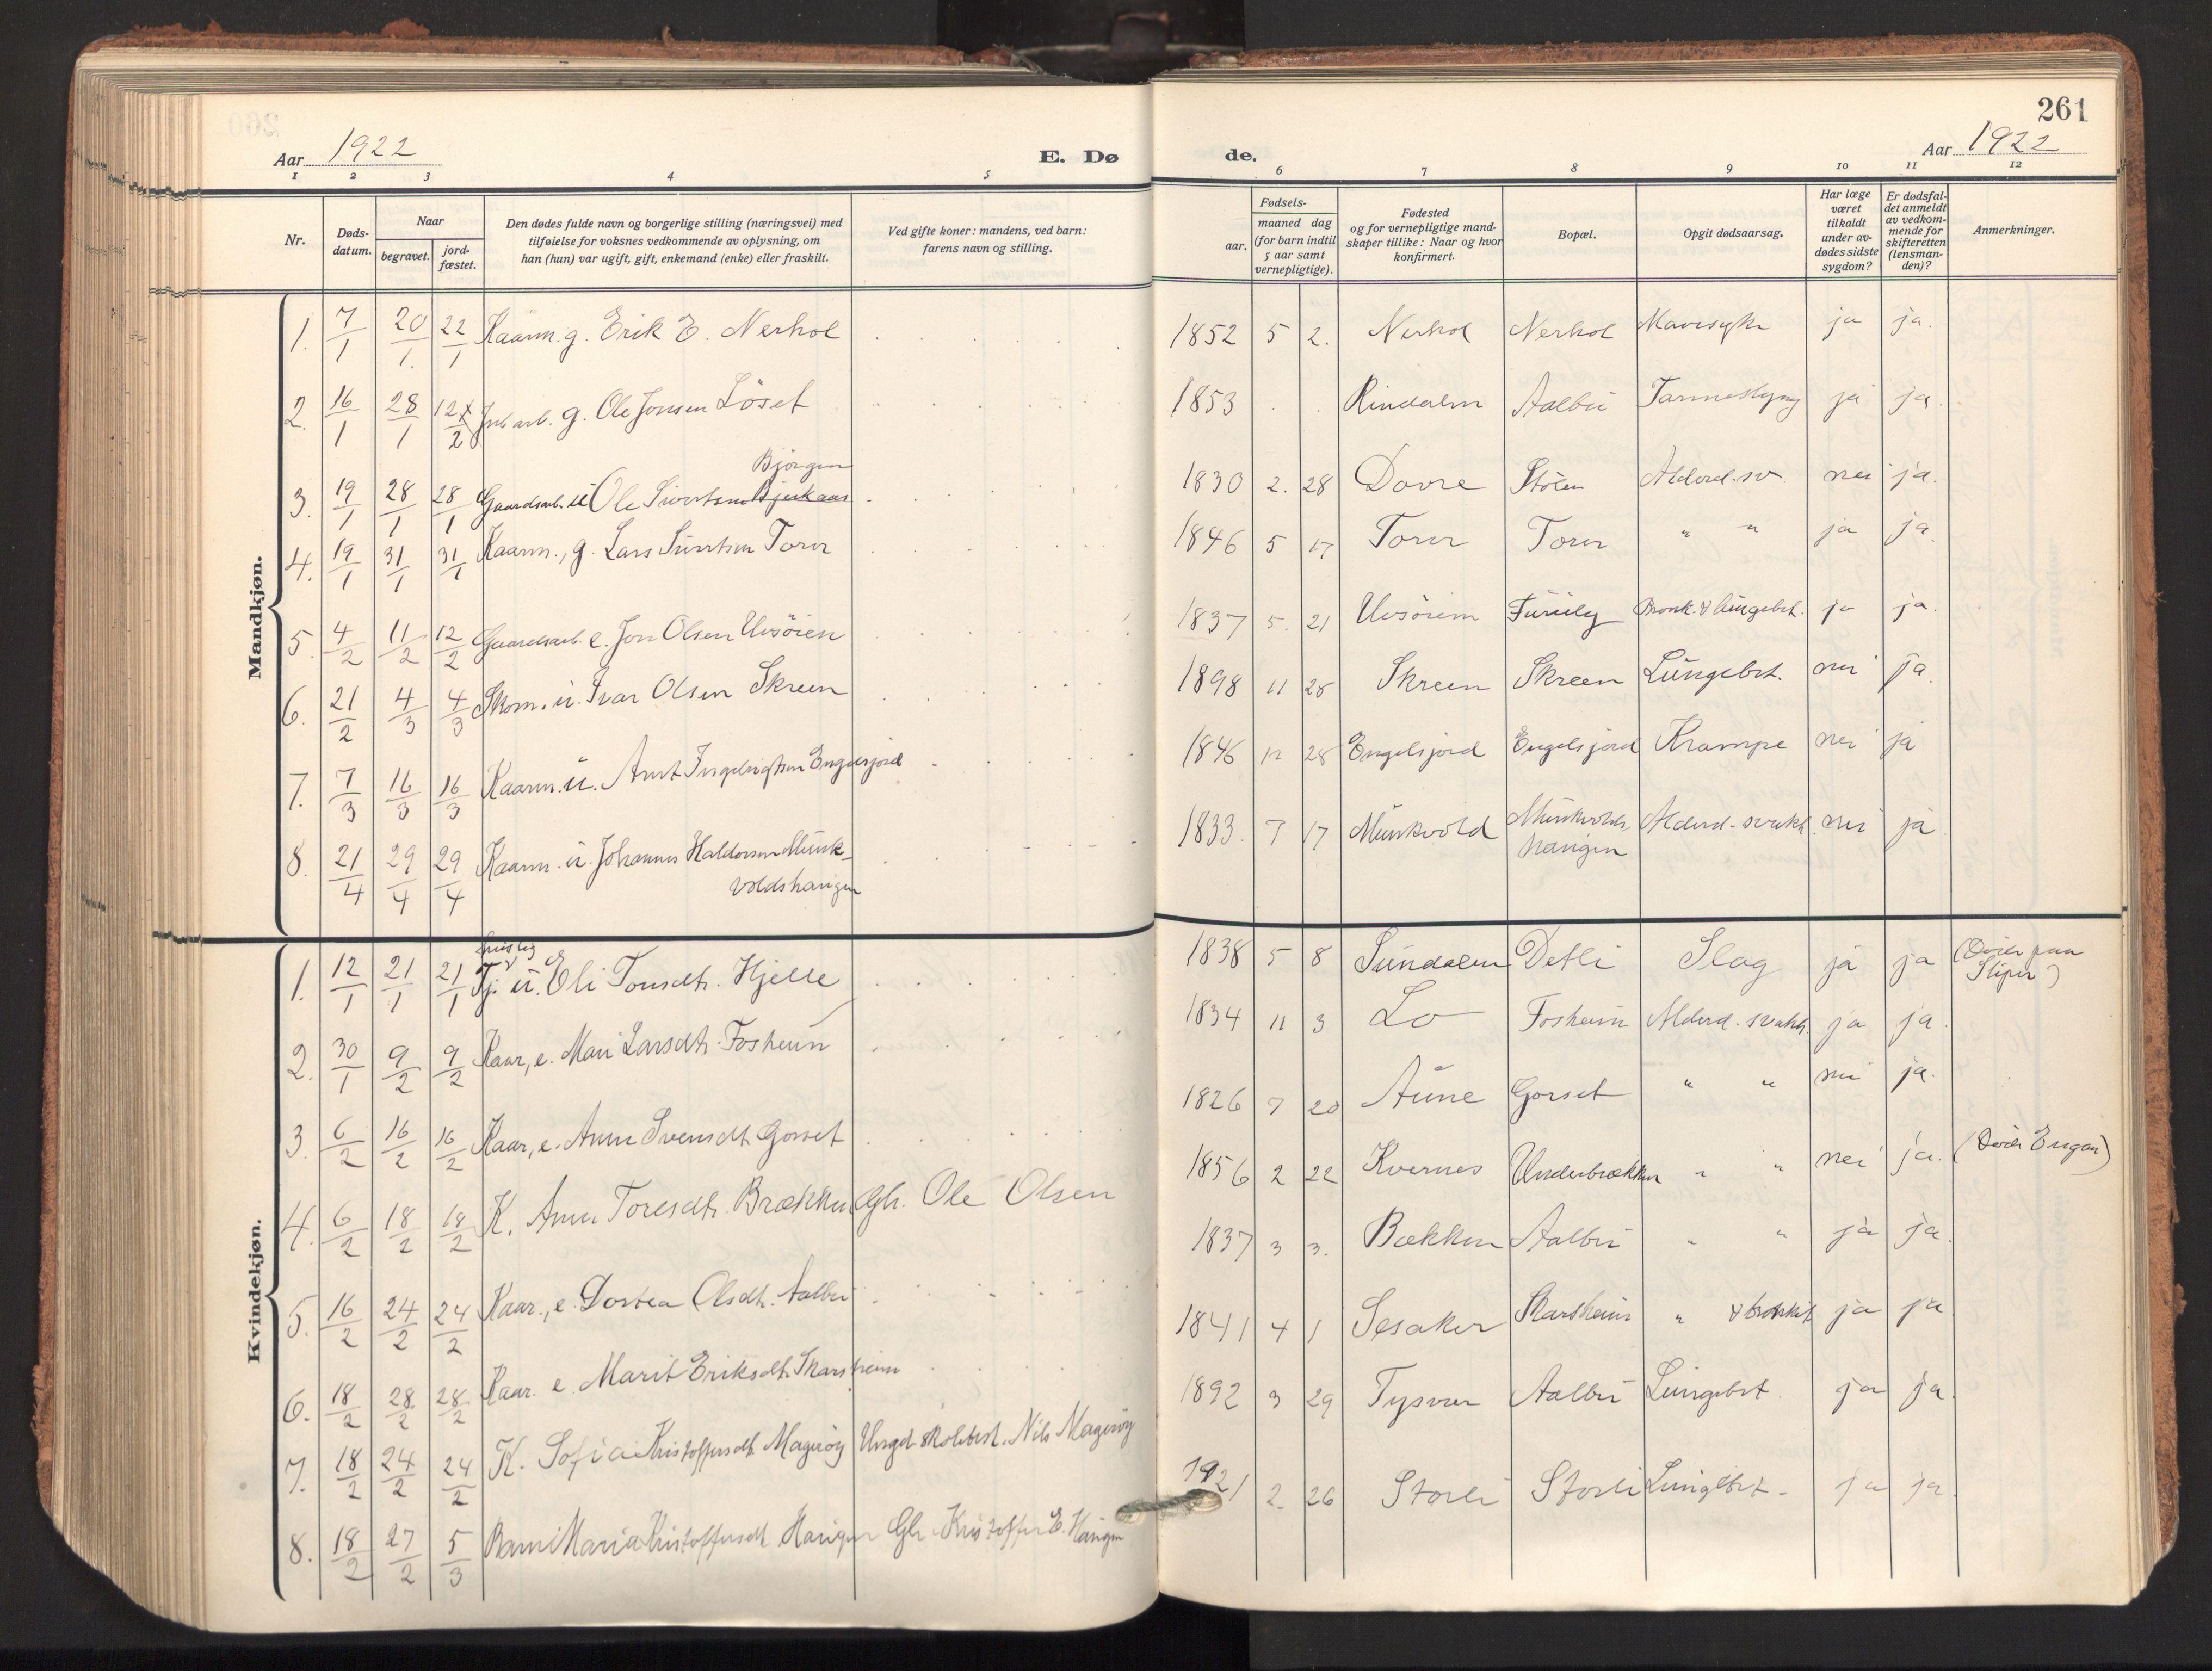 SAT, Ministerialprotokoller, klokkerbøker og fødselsregistre - Sør-Trøndelag, 678/L0909: Ministerialbok nr. 678A17, 1912-1930, s. 261